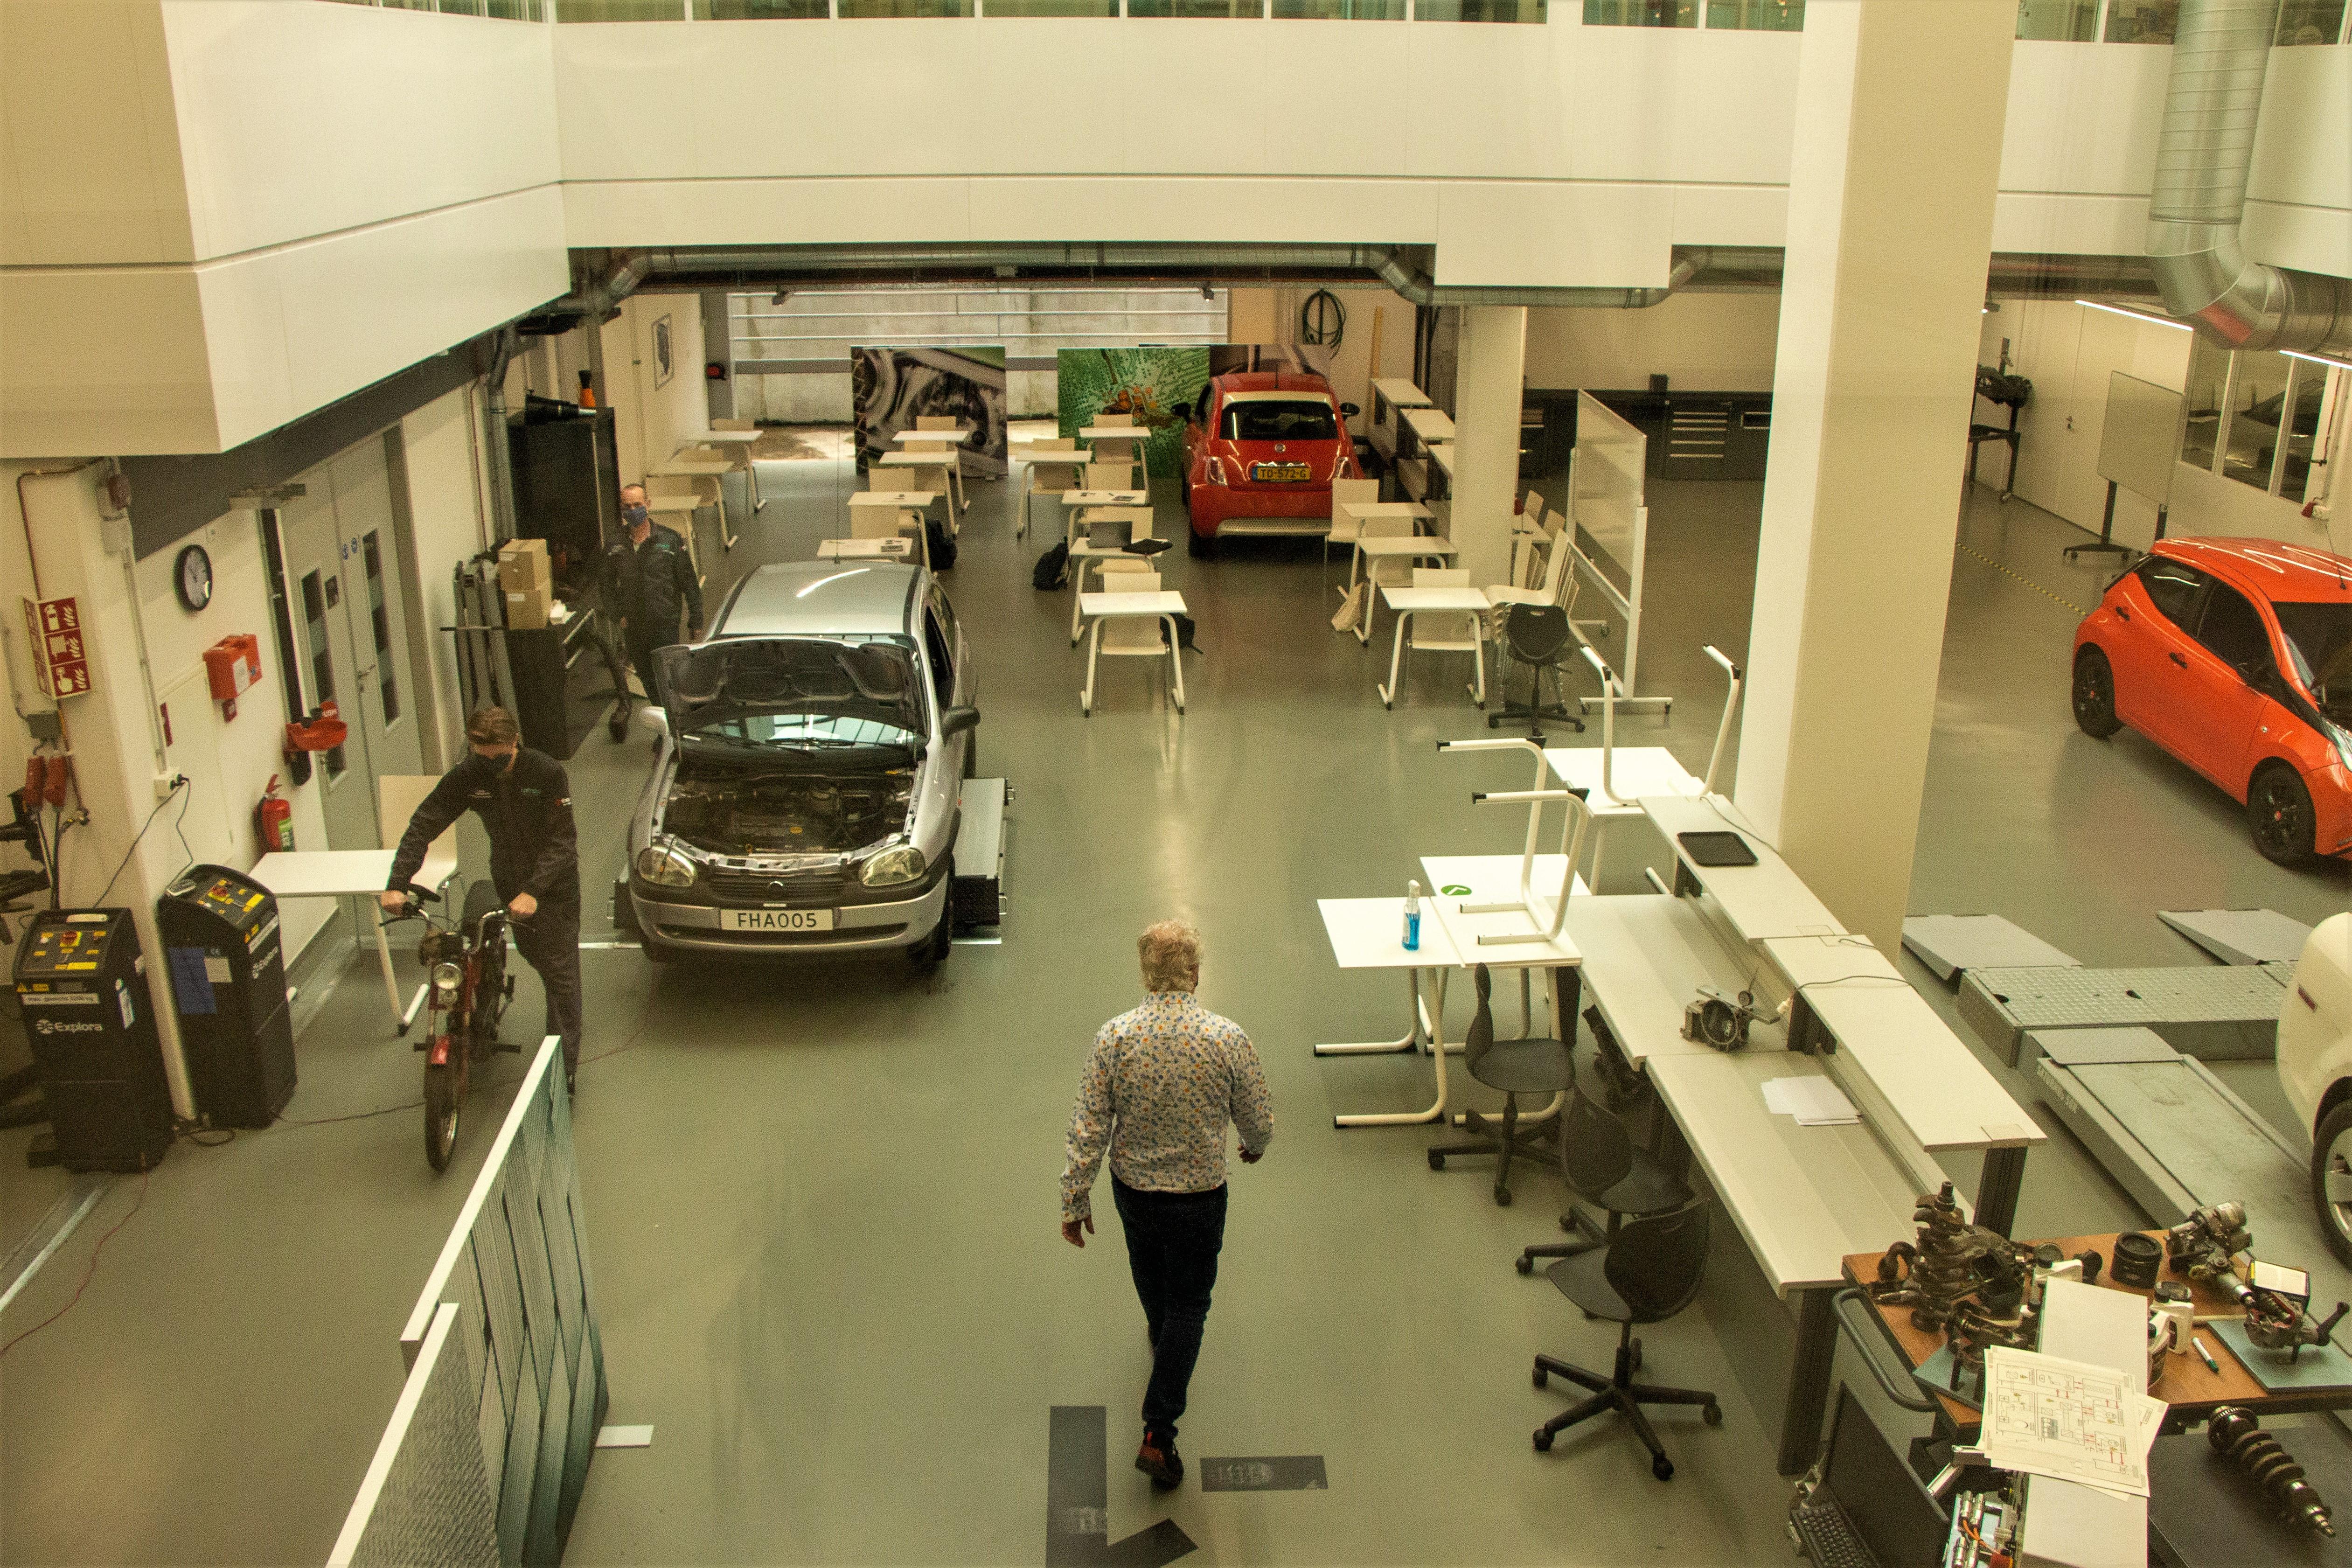 De werkplaats van Automotive is groot genoeg om voldoende afstand te kunnen houden.